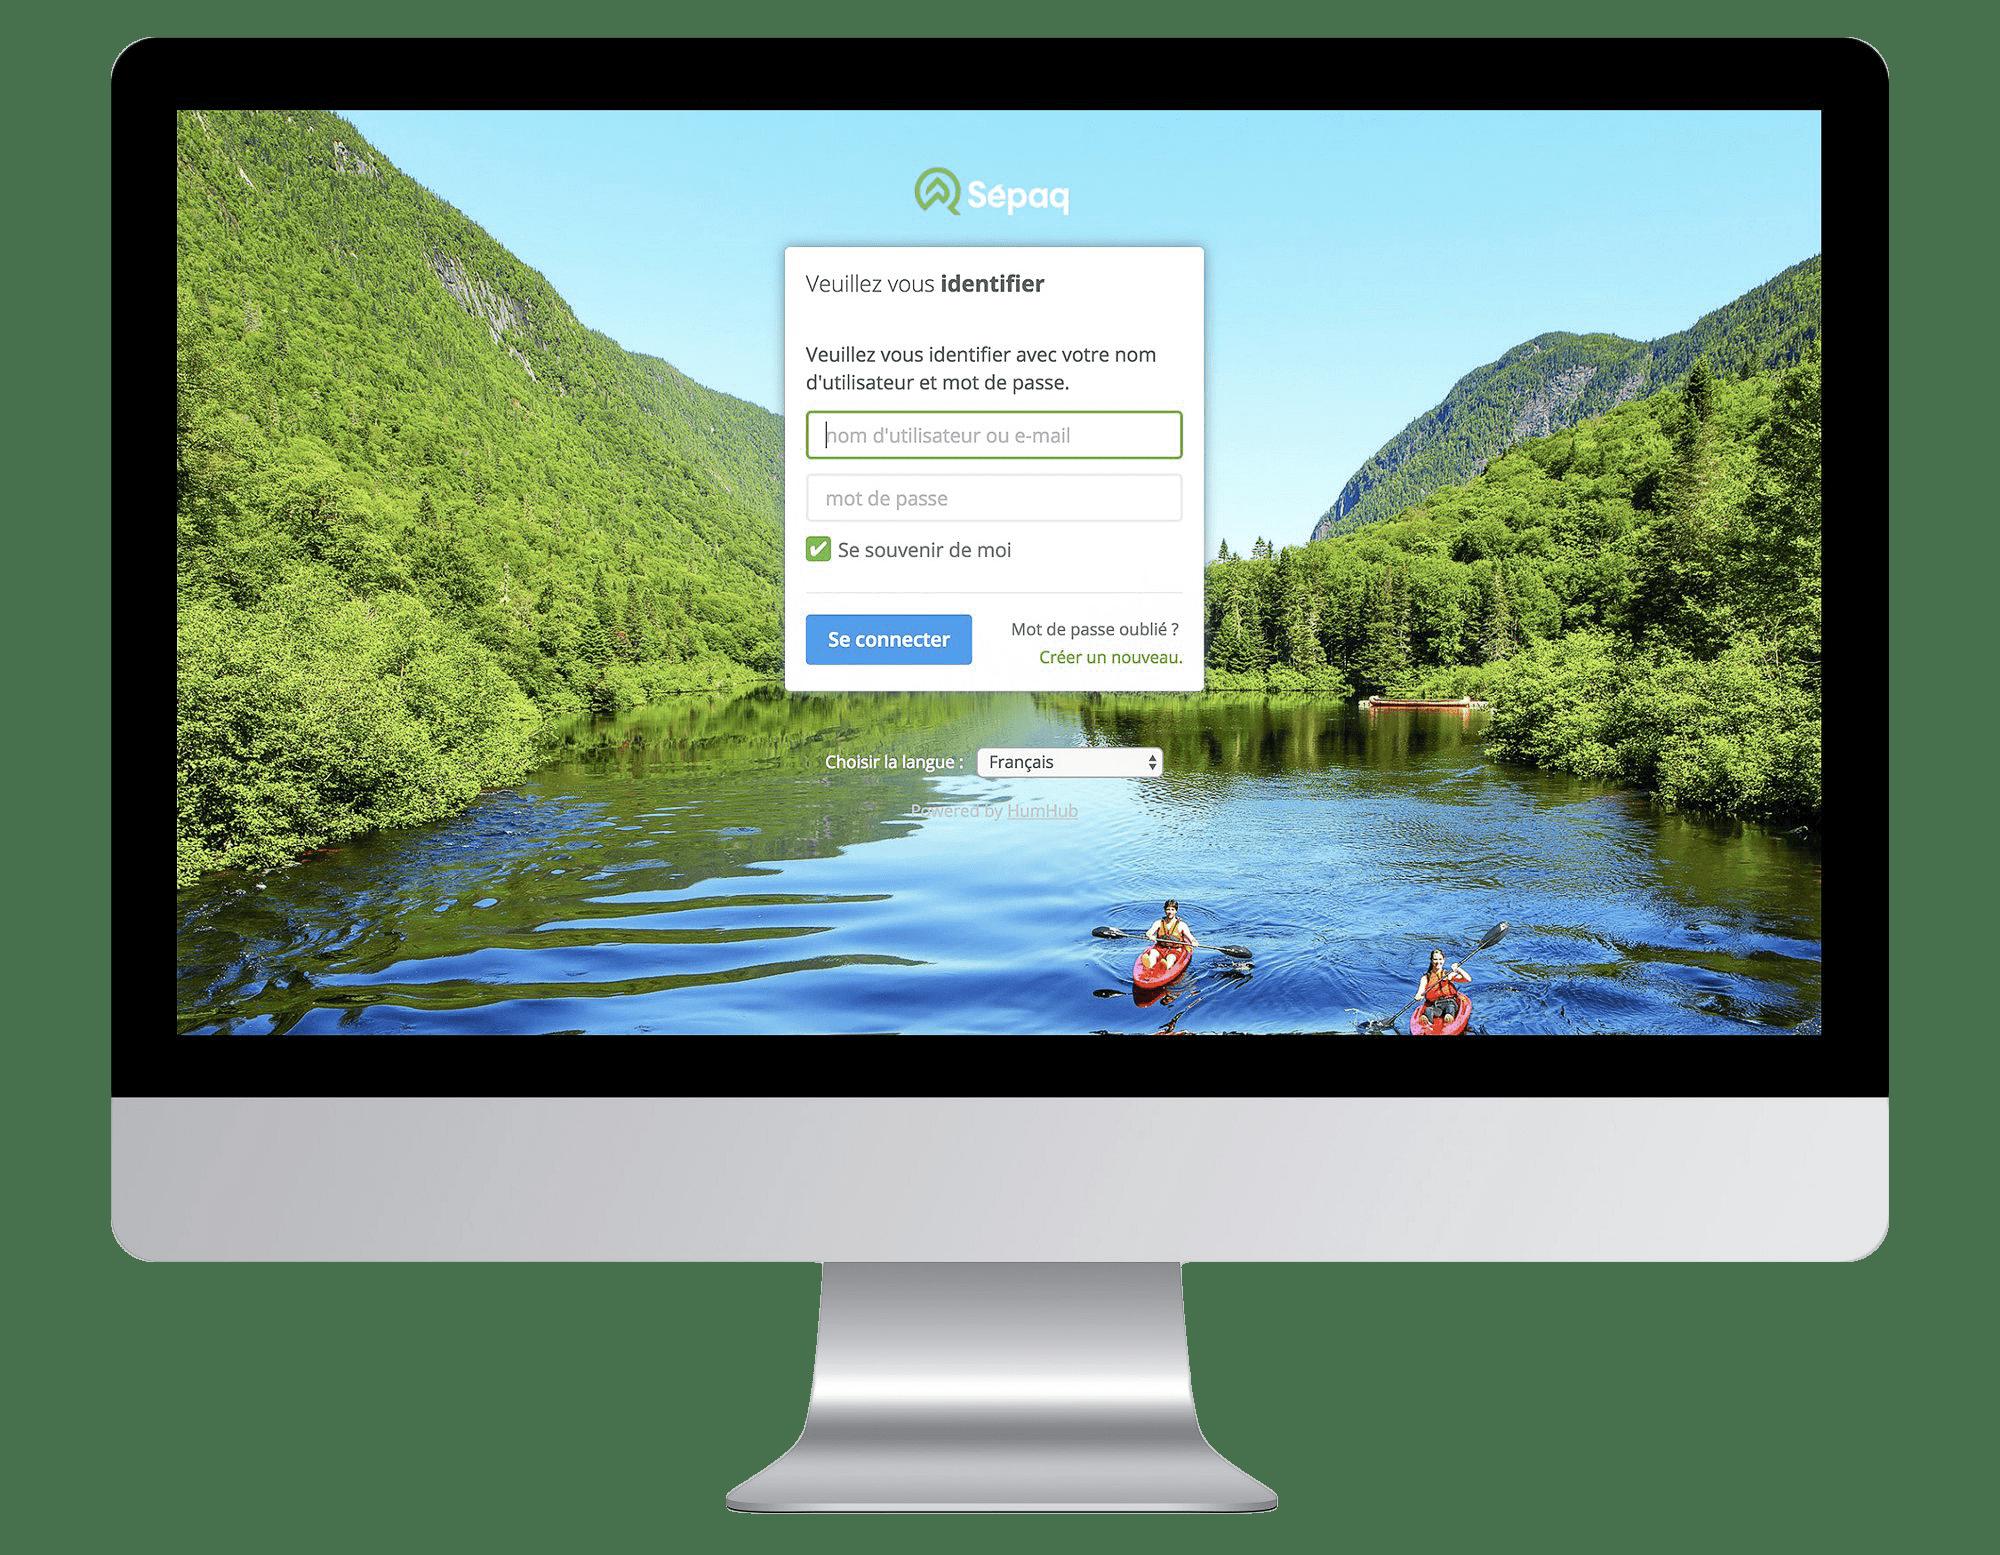 Illustration de l'interface d'accueil de l'intranet de la Sépaq